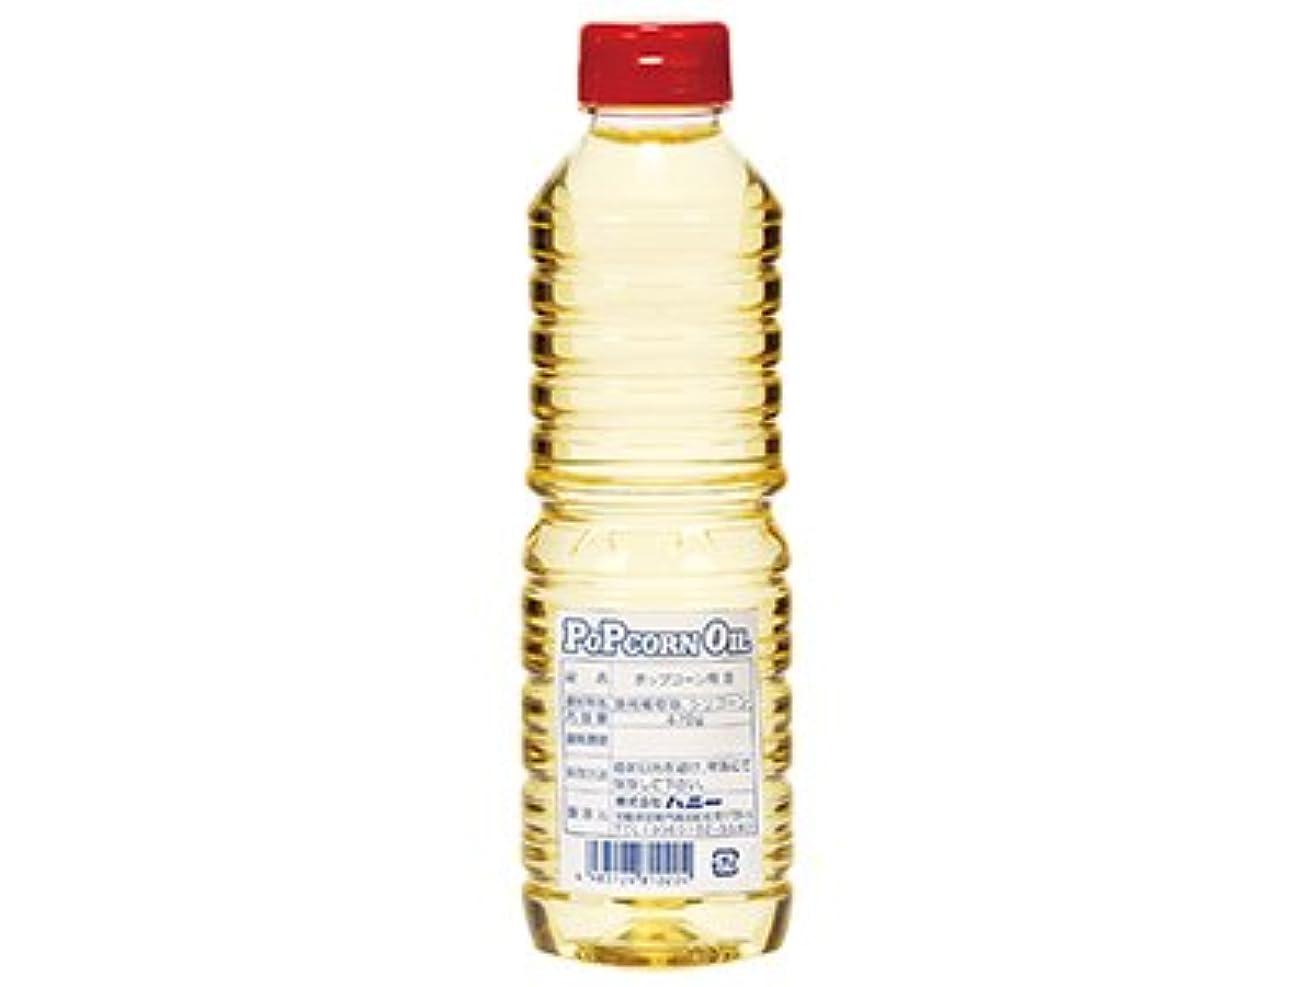 ネズミ沈黙施設エキストラバージン レッドパームオイル418g 3個 低温圧搾 エコフレンドリー Cold Pressed Extra Virgin Red Palm Oil